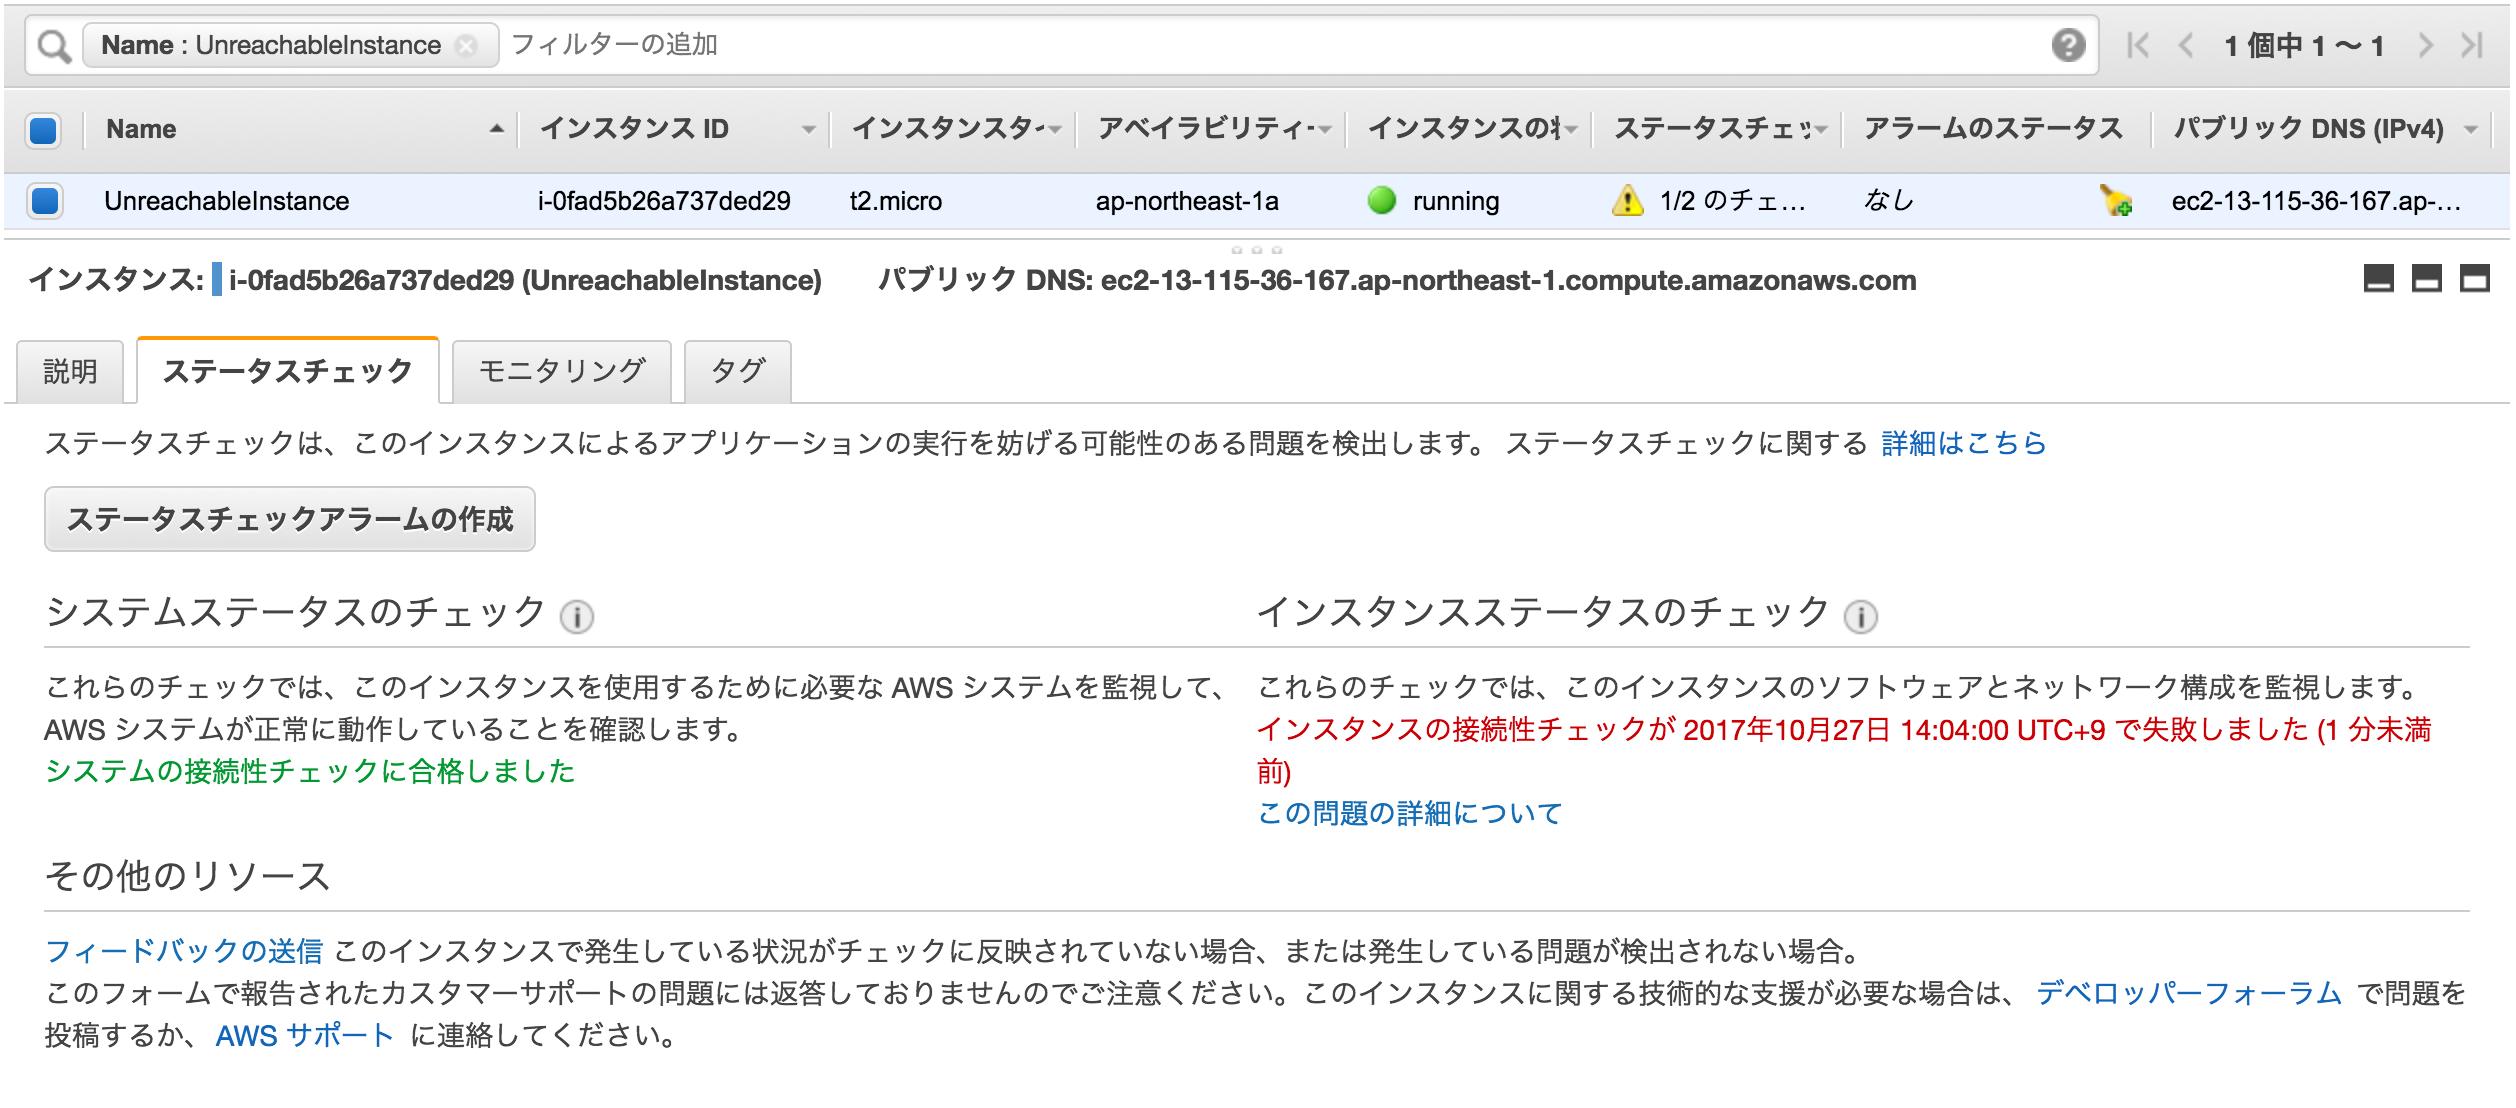 EC2_Management_Console 2.png